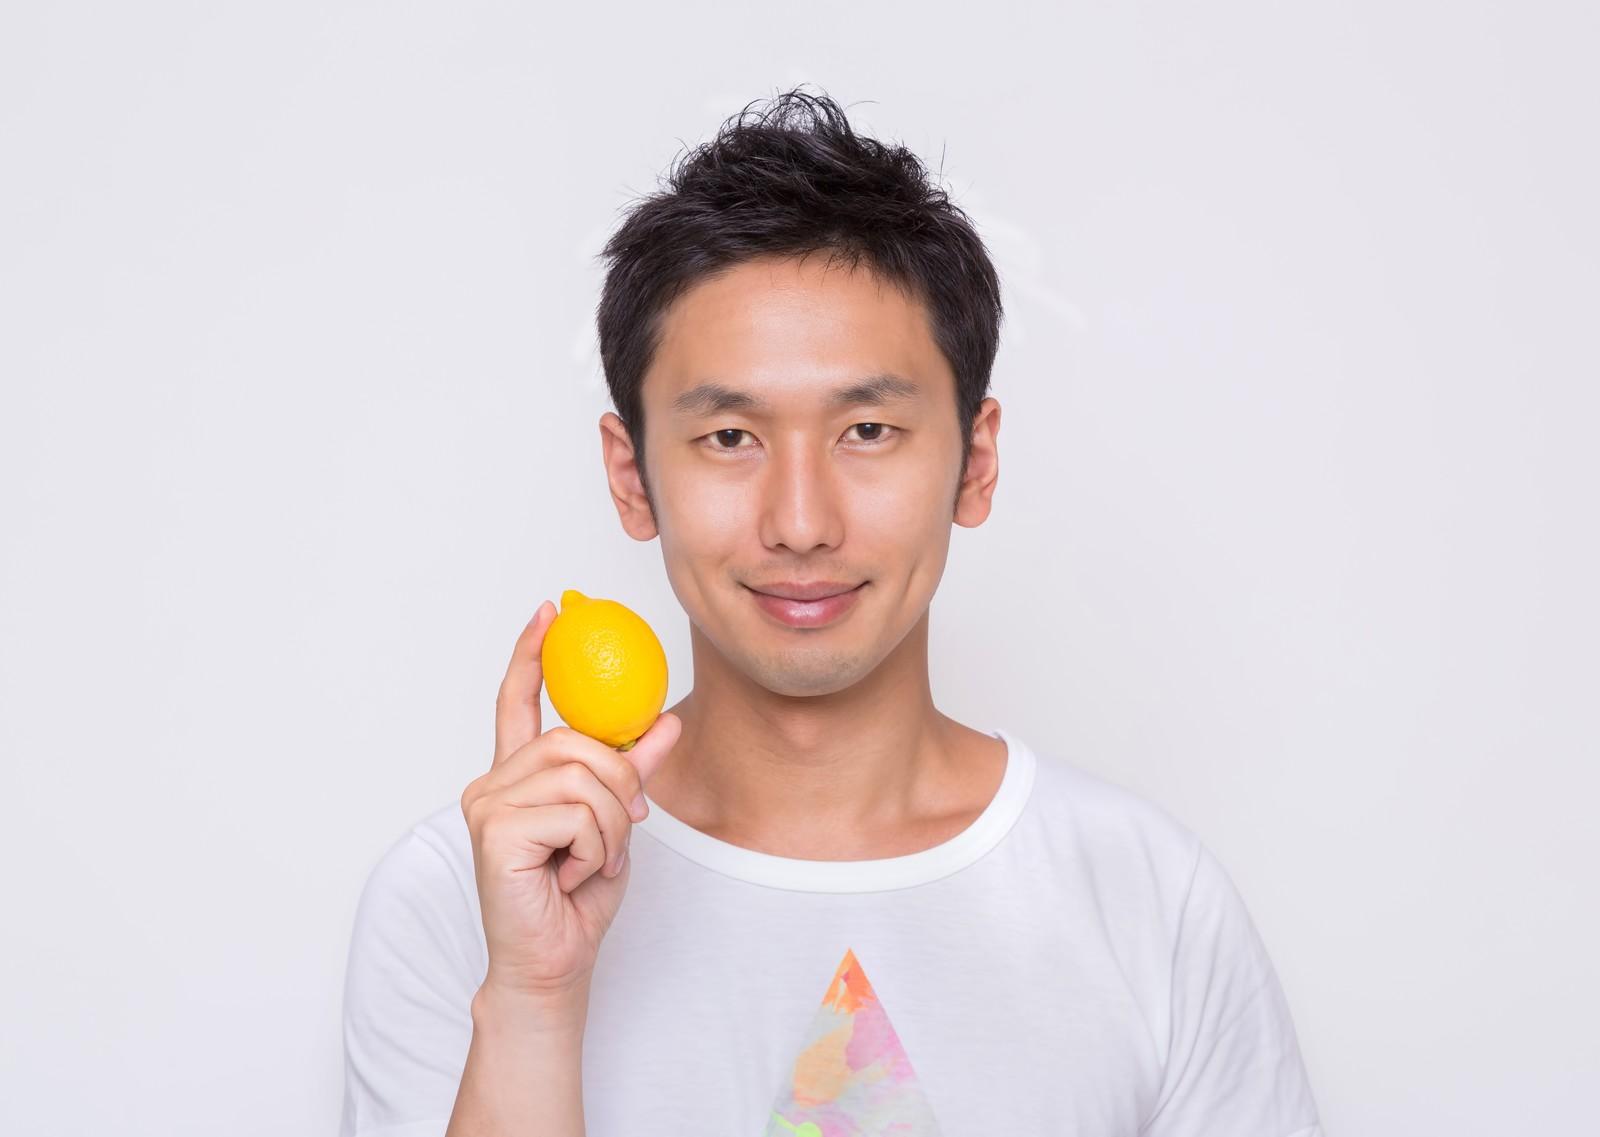 レモンを持つ男性